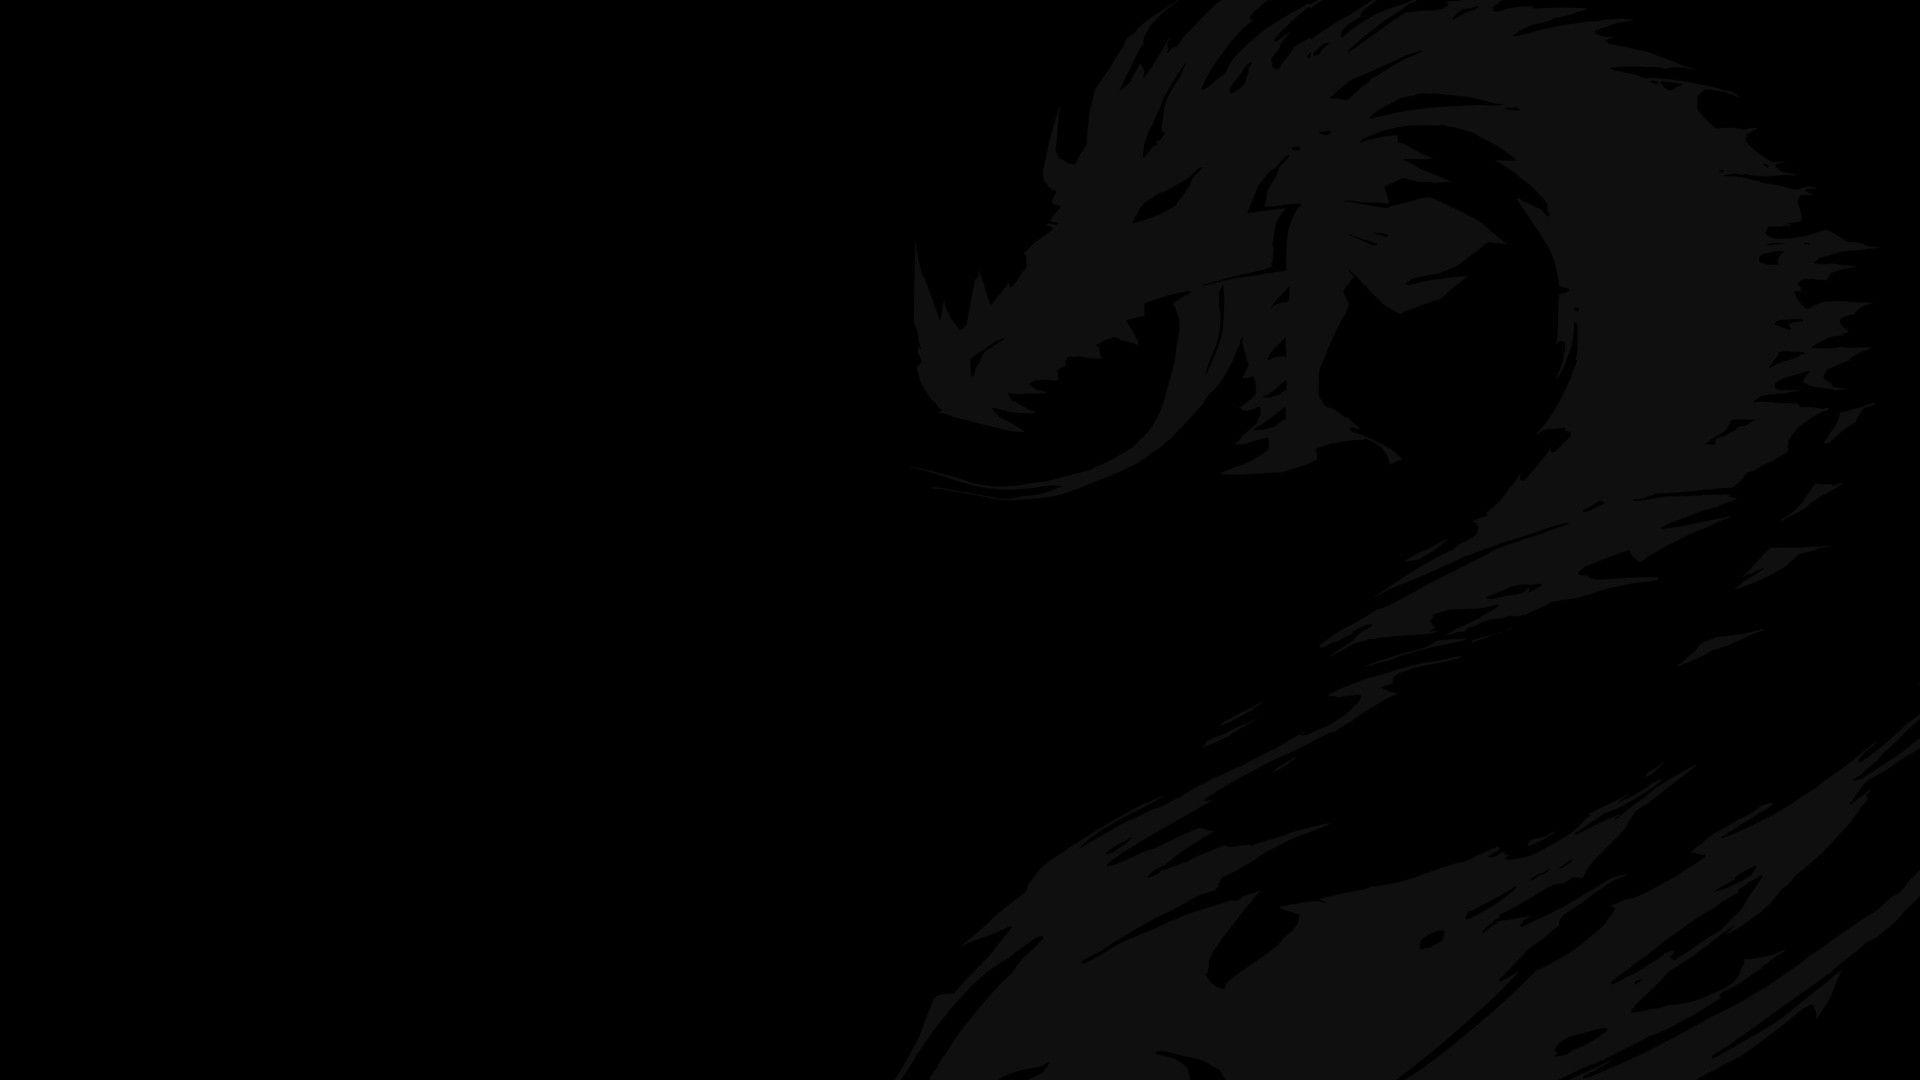 Hình nền 1920x1080 Pure Black